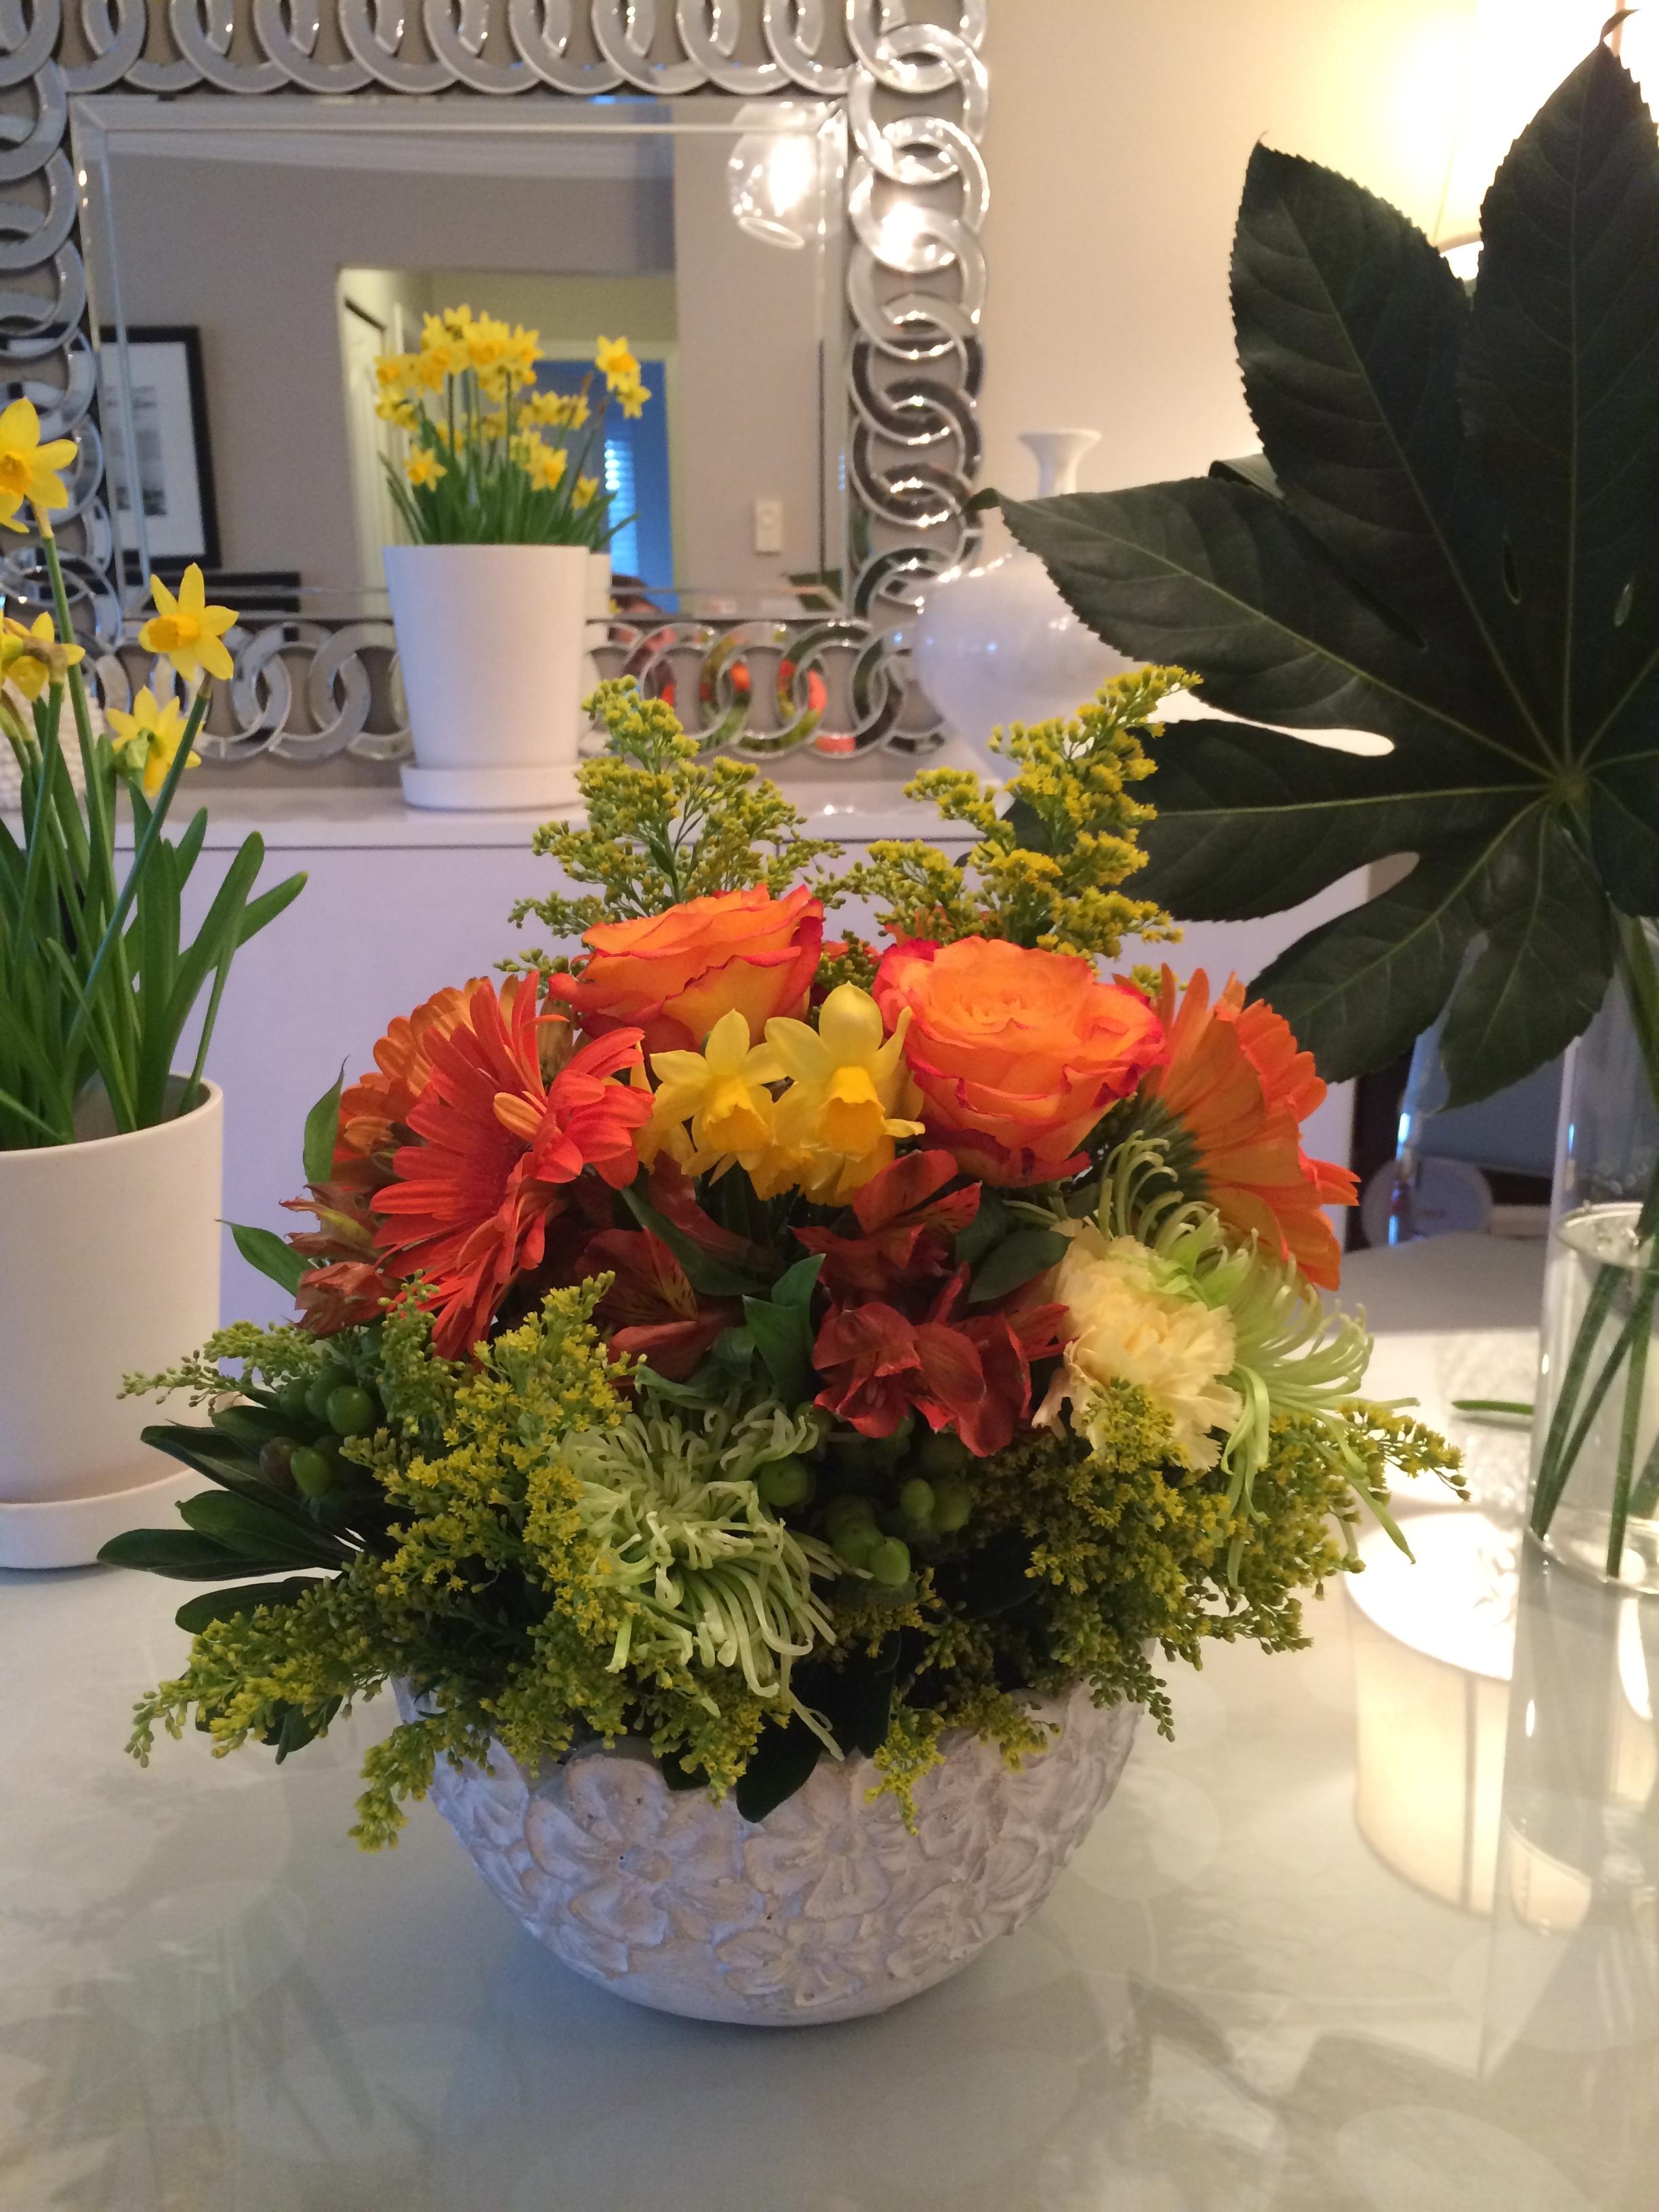 Gorgeous arrangement!